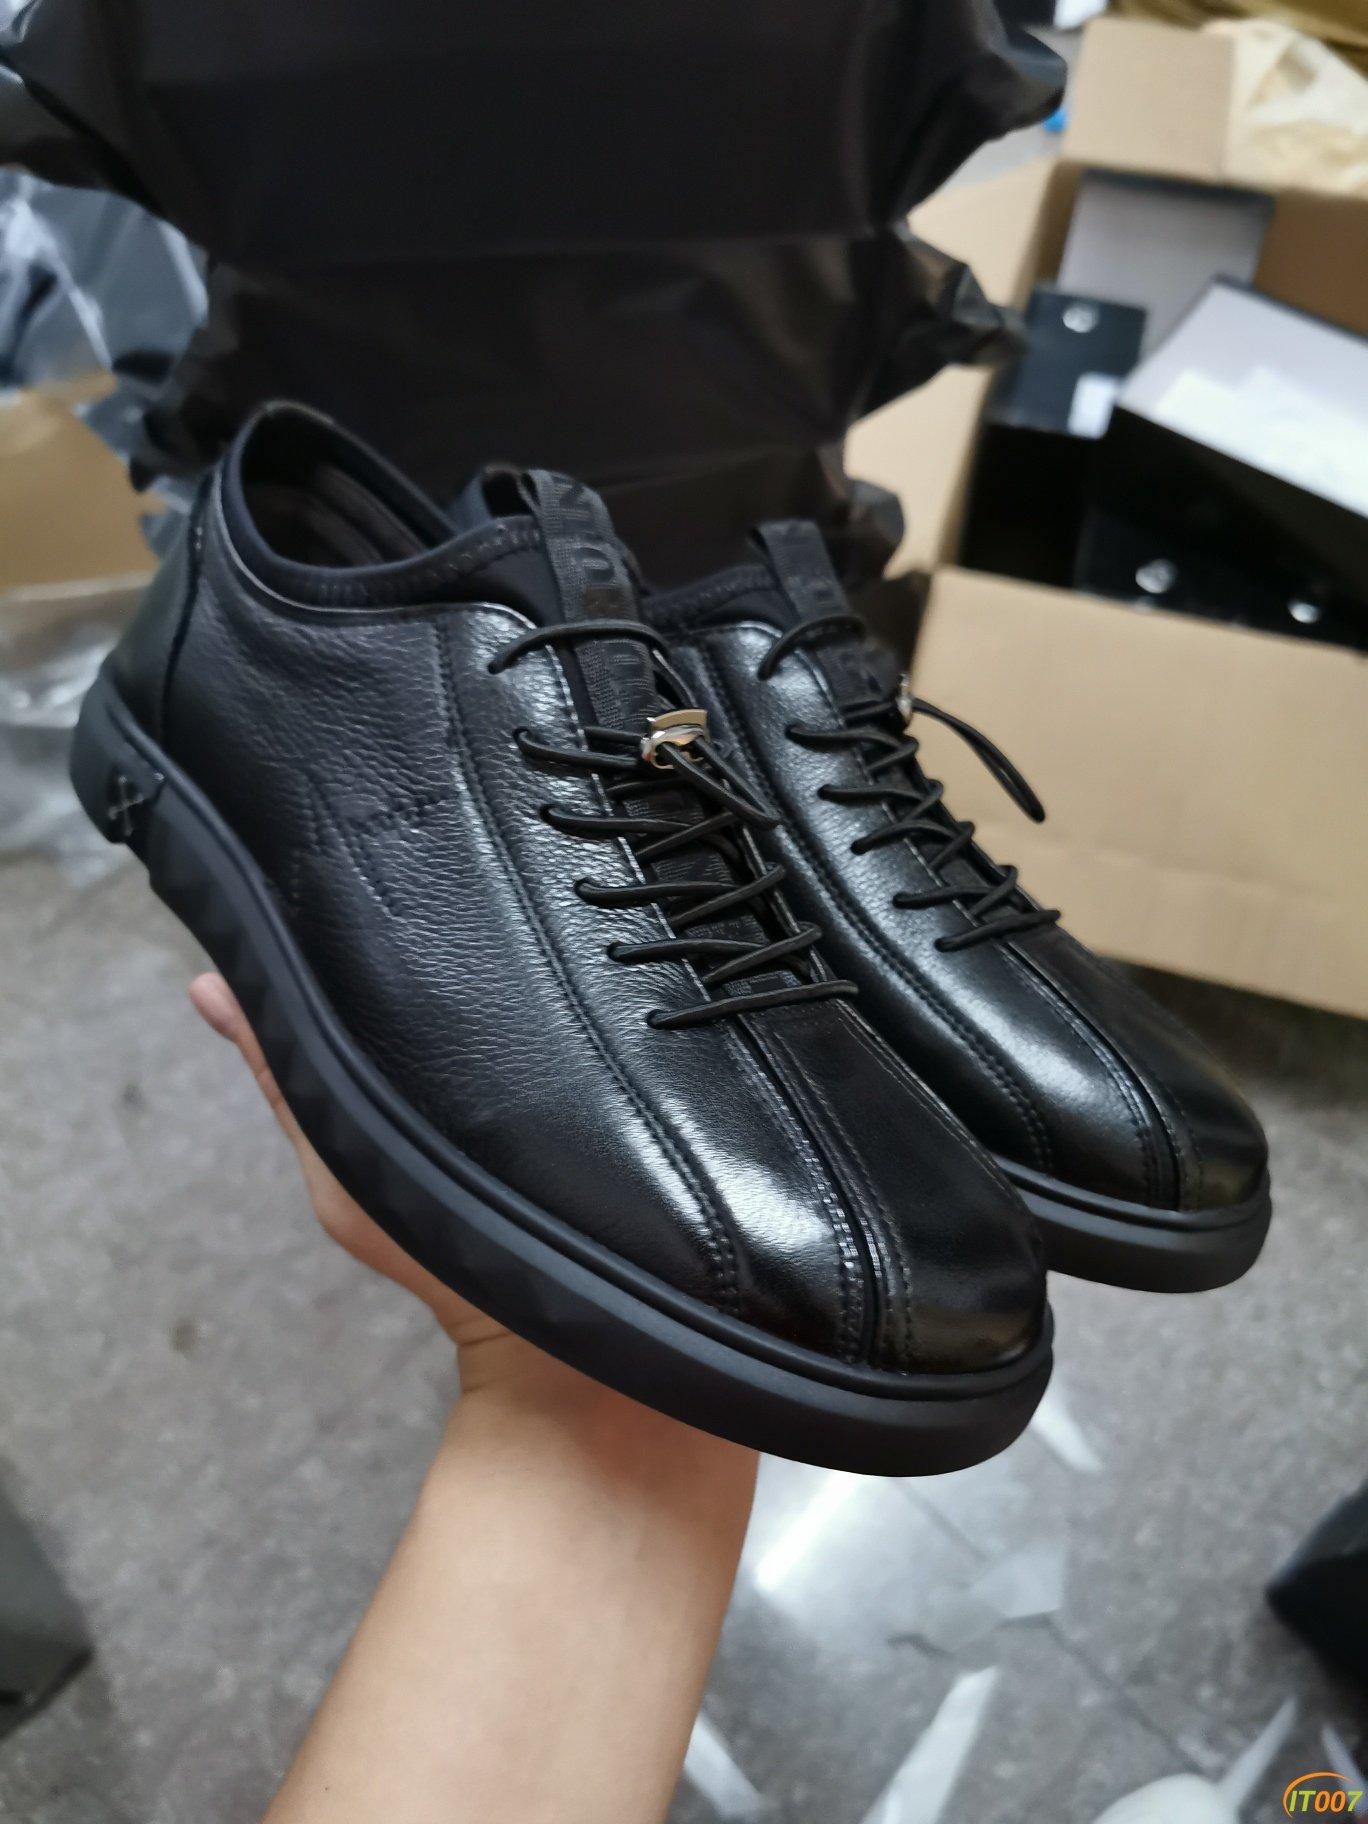 全部实拍,175出金利来正品皮鞋